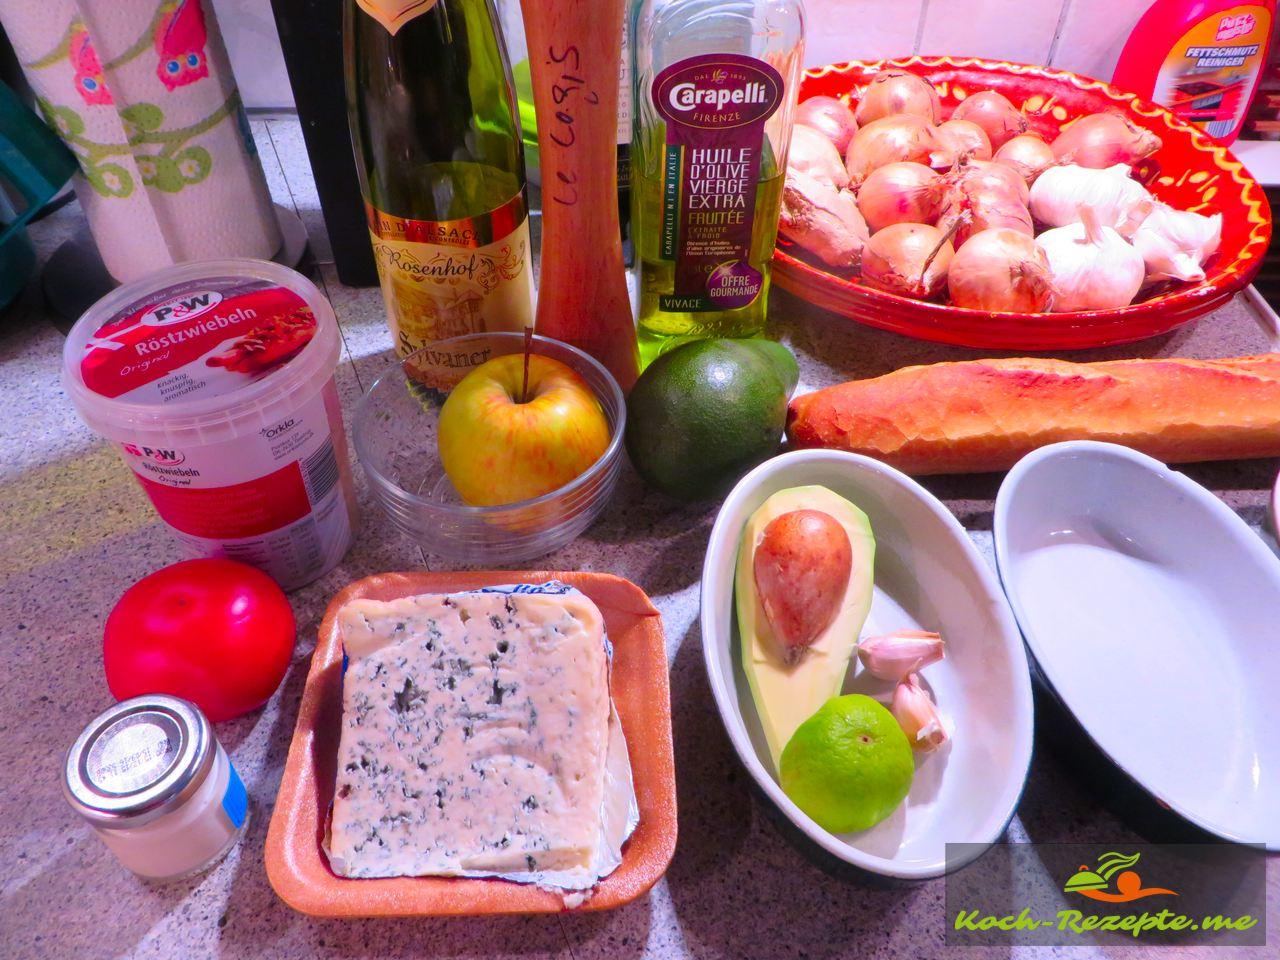 Zutaten für Avocado-Roquefortcreme, Avocado-Blauschimmelcreme mit Apfel.